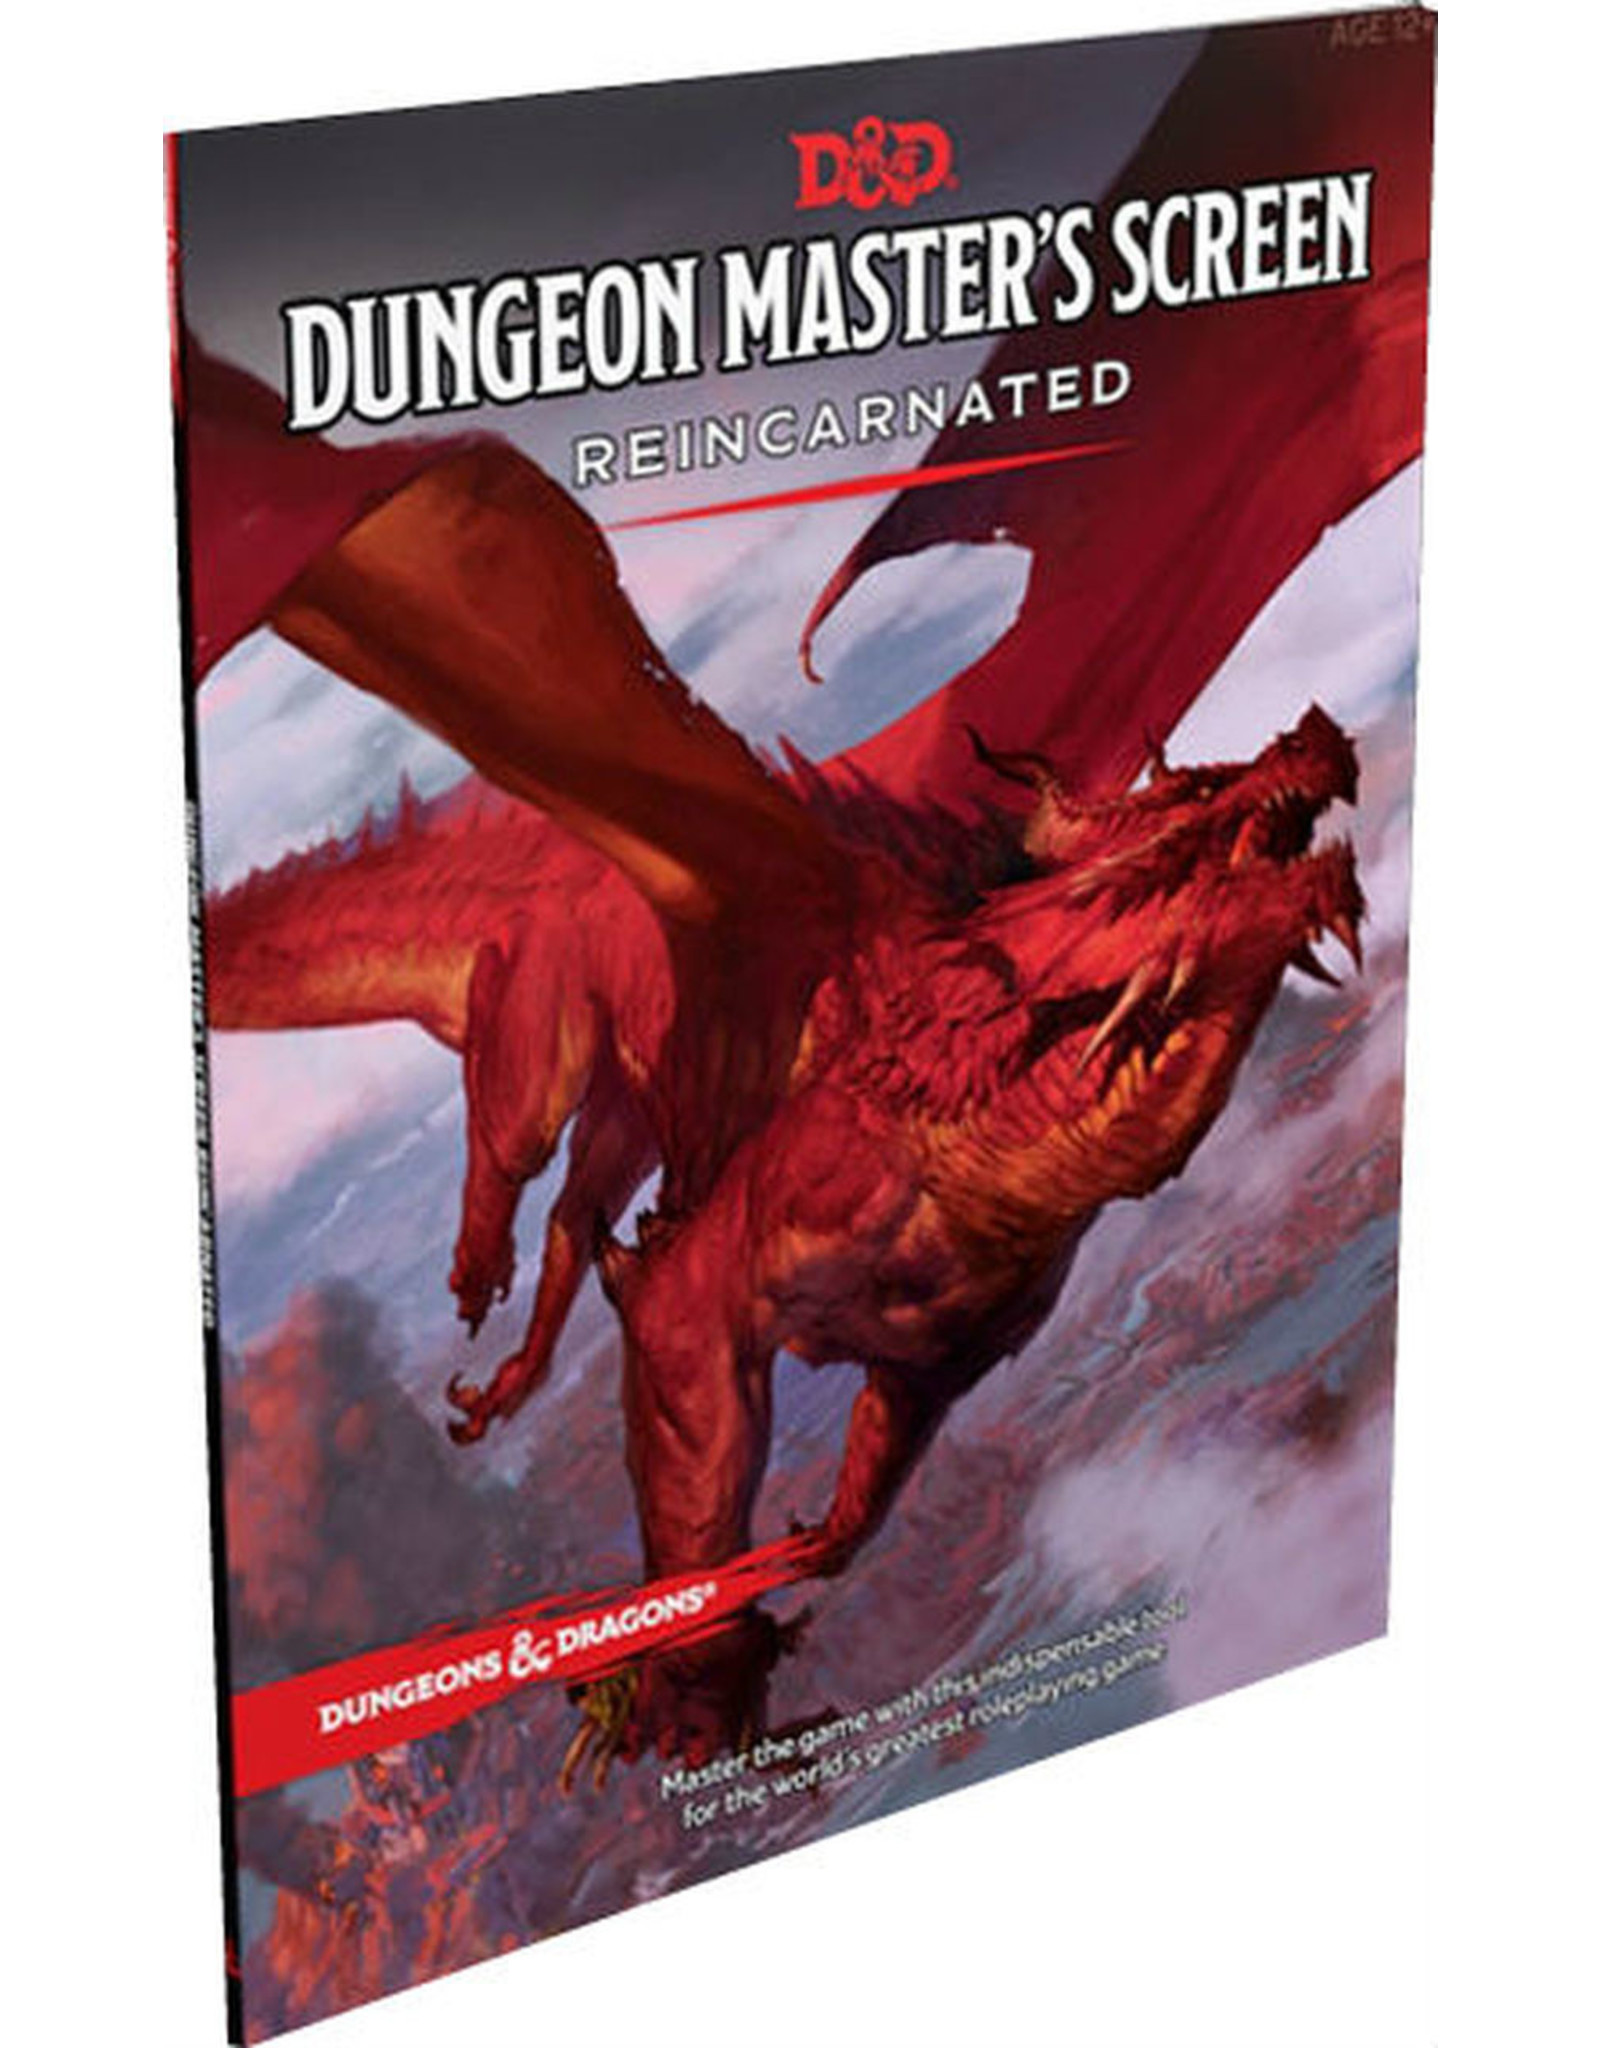 Dungeons & Dragons D&D 5E: DM Screen Reincarnated